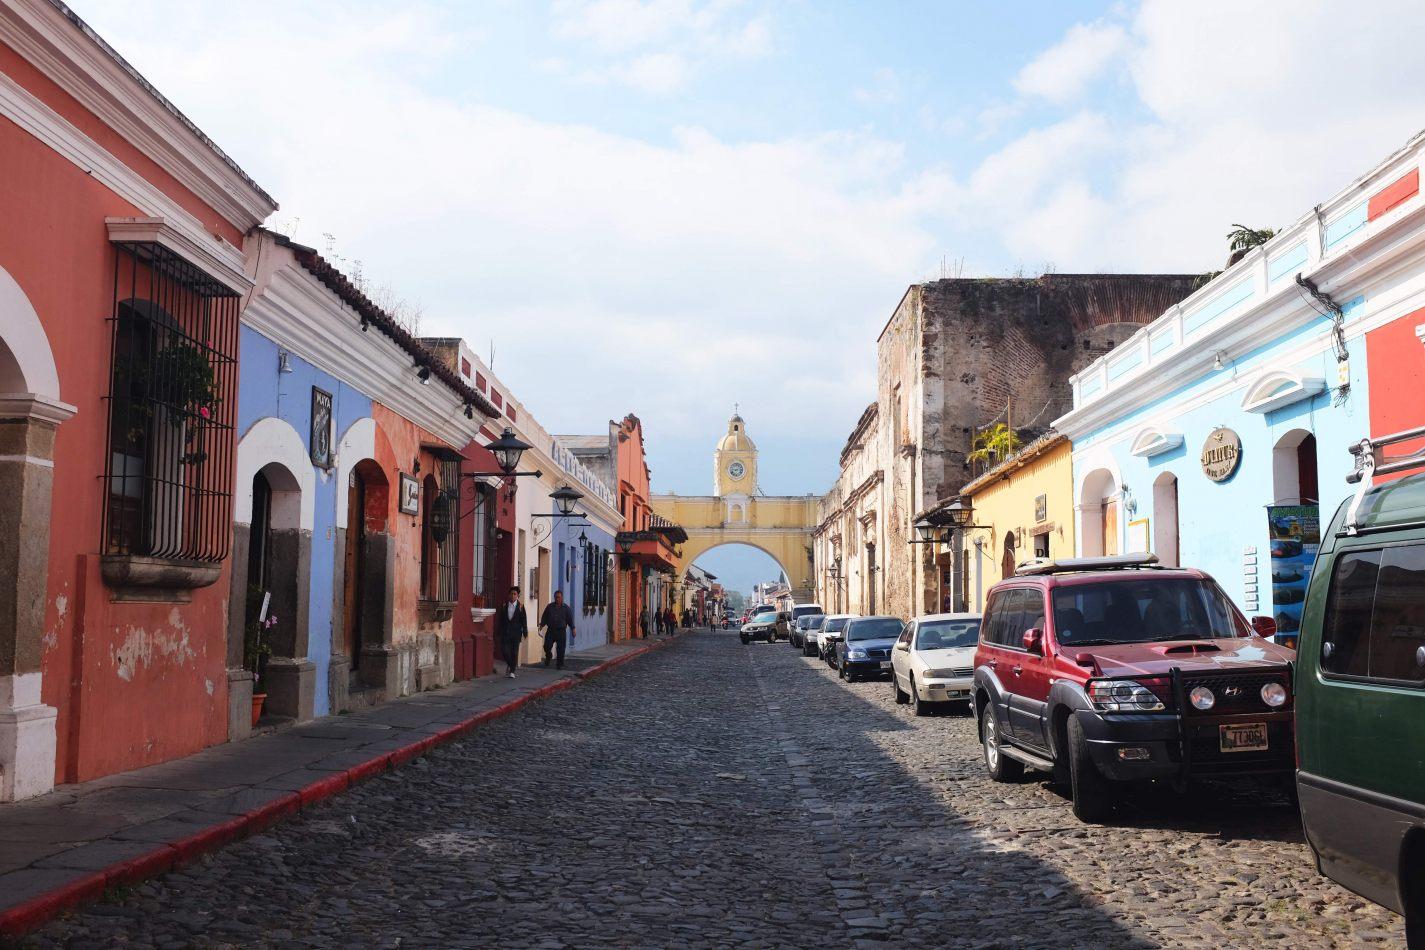 Hibiscus & Nomada : - - Antigua Arch